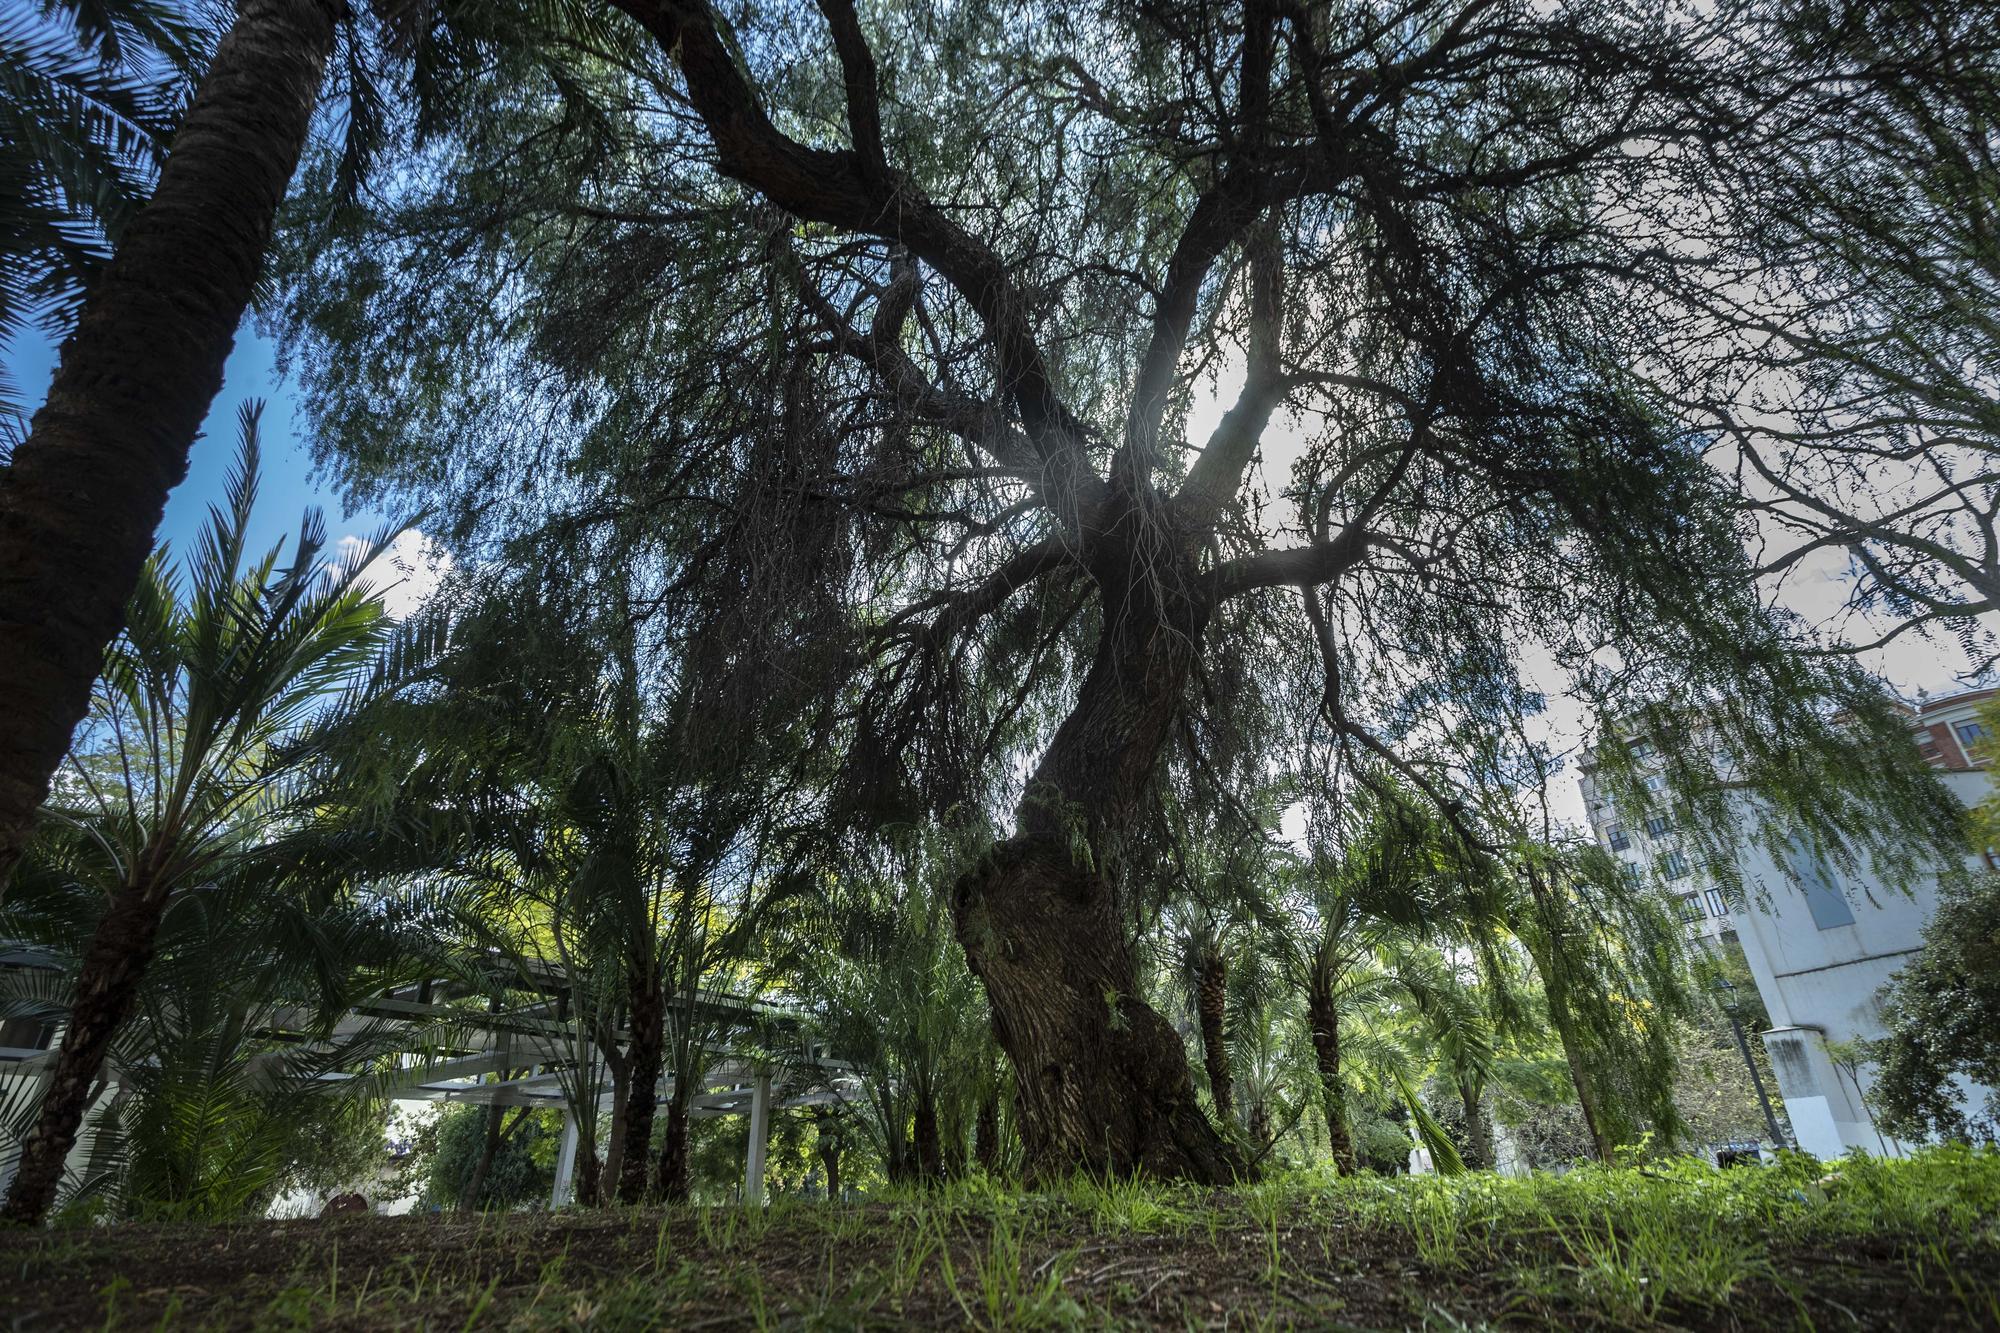 Los árboles monumentales más espectaculares del centro de València